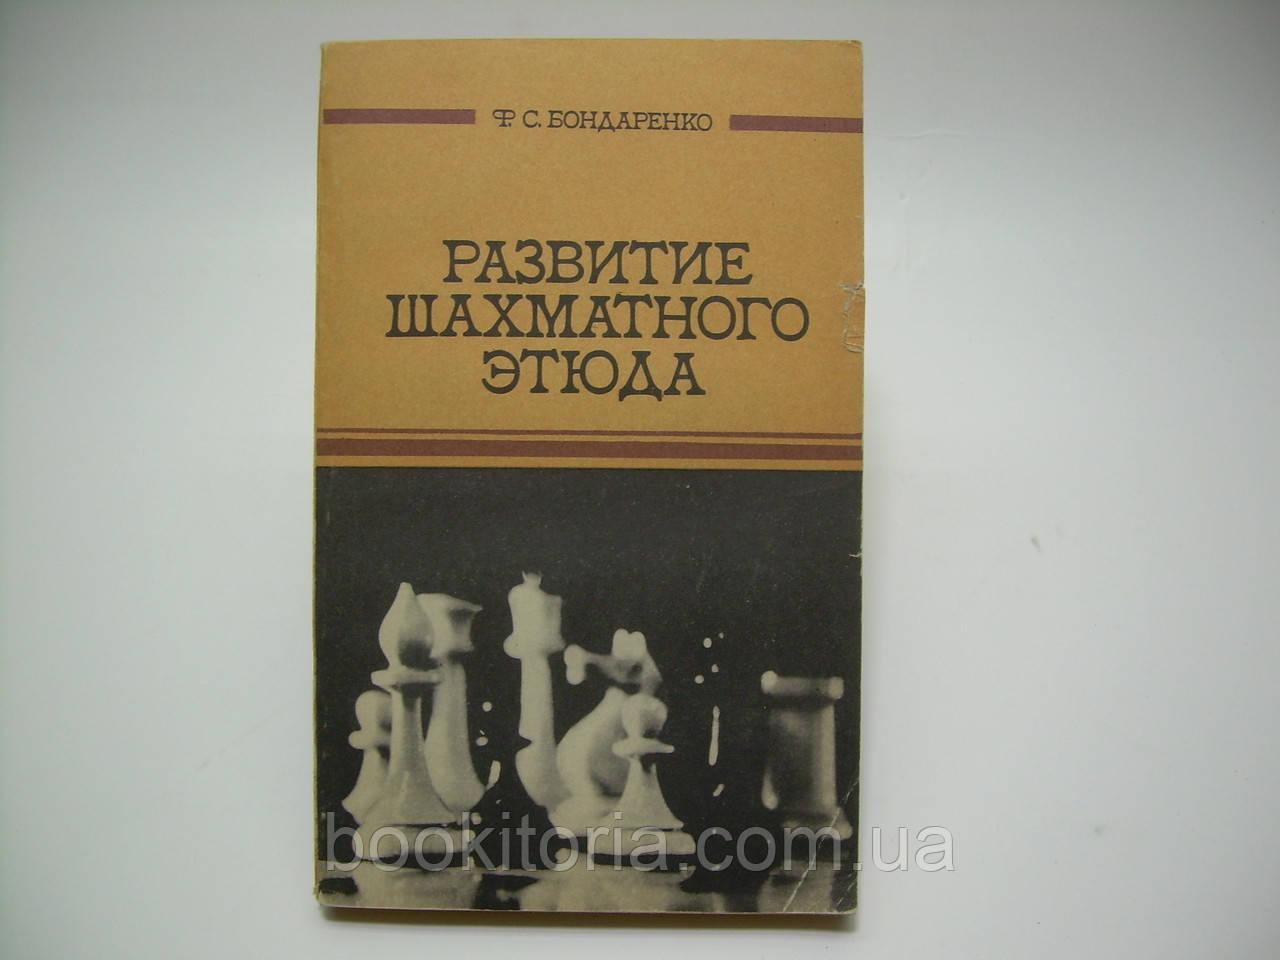 Бондаренко Ф.С.  Развитие шахматного этюда (б/у).